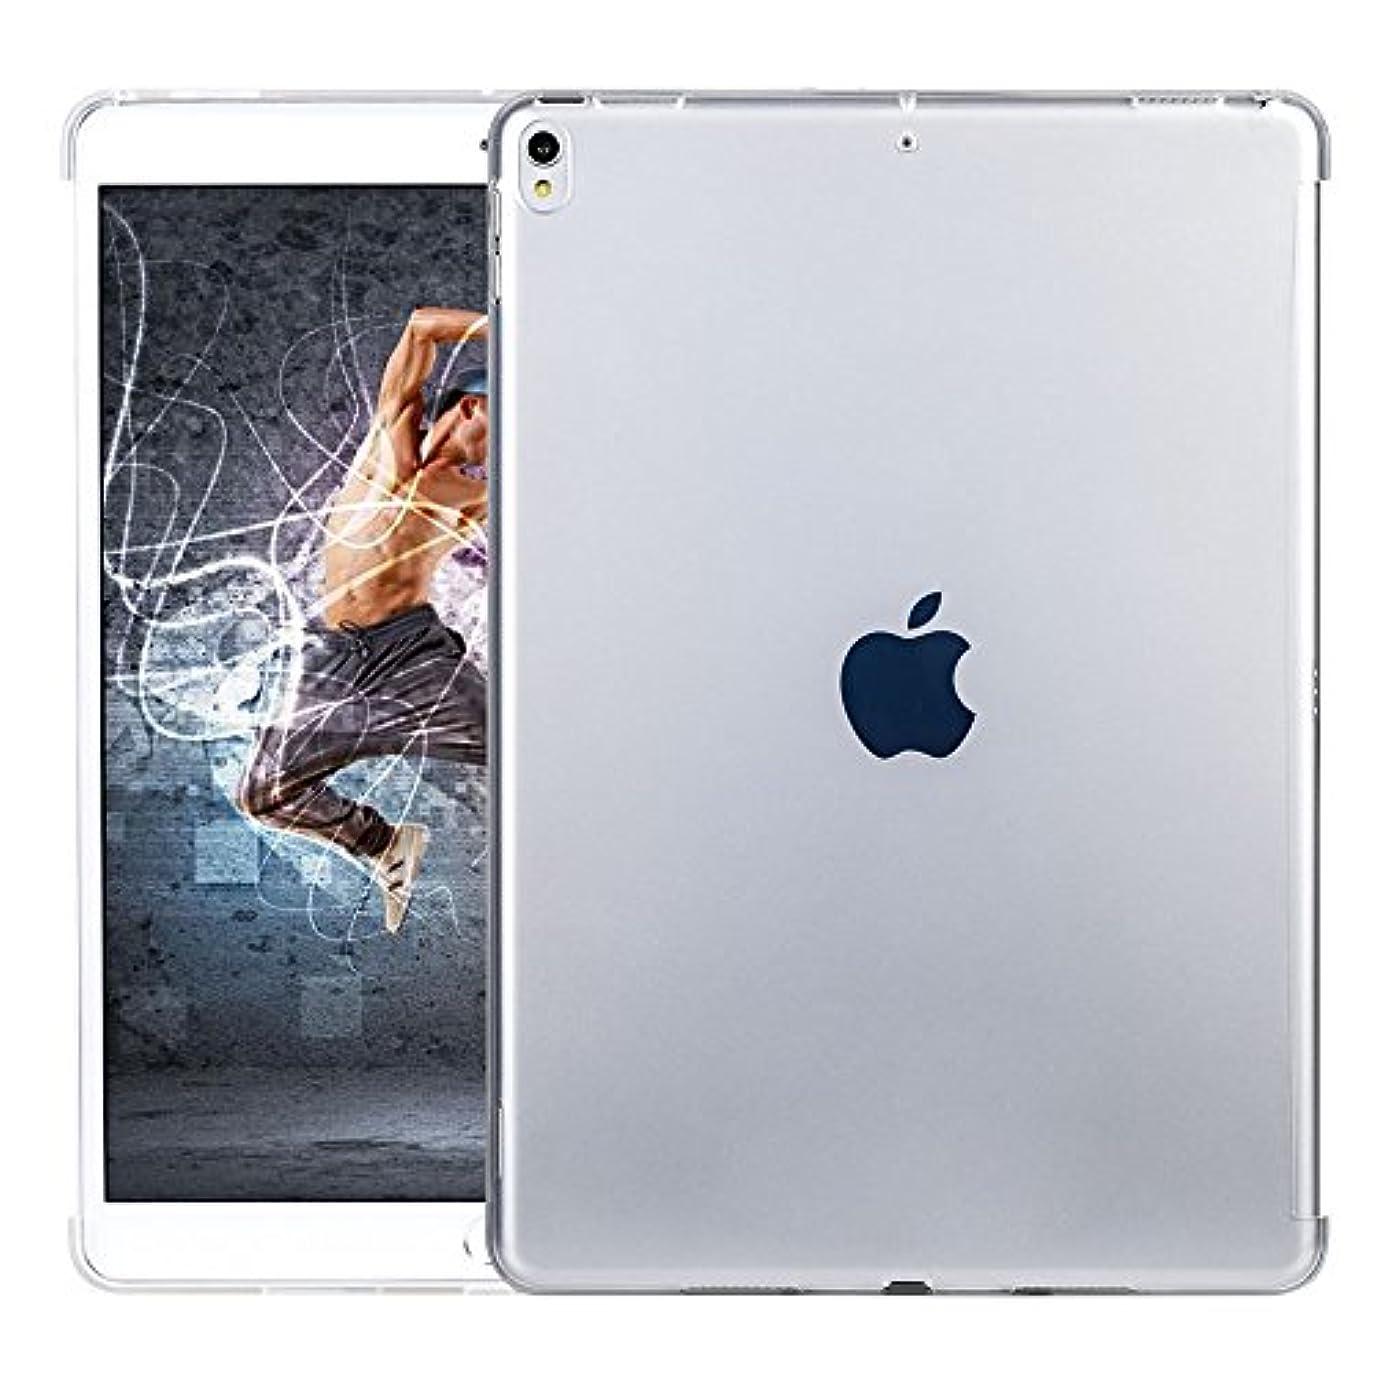 咳凍った痛いiPad Pro 10.5ケース Farway クリア バックカバー ソフトケース 軽量 Smart Keyboard対応 スマートキーボード iPad Pro 10.5 2017年版専用 TPU製 透明/半透明ブラウン 2色選べ (透明)